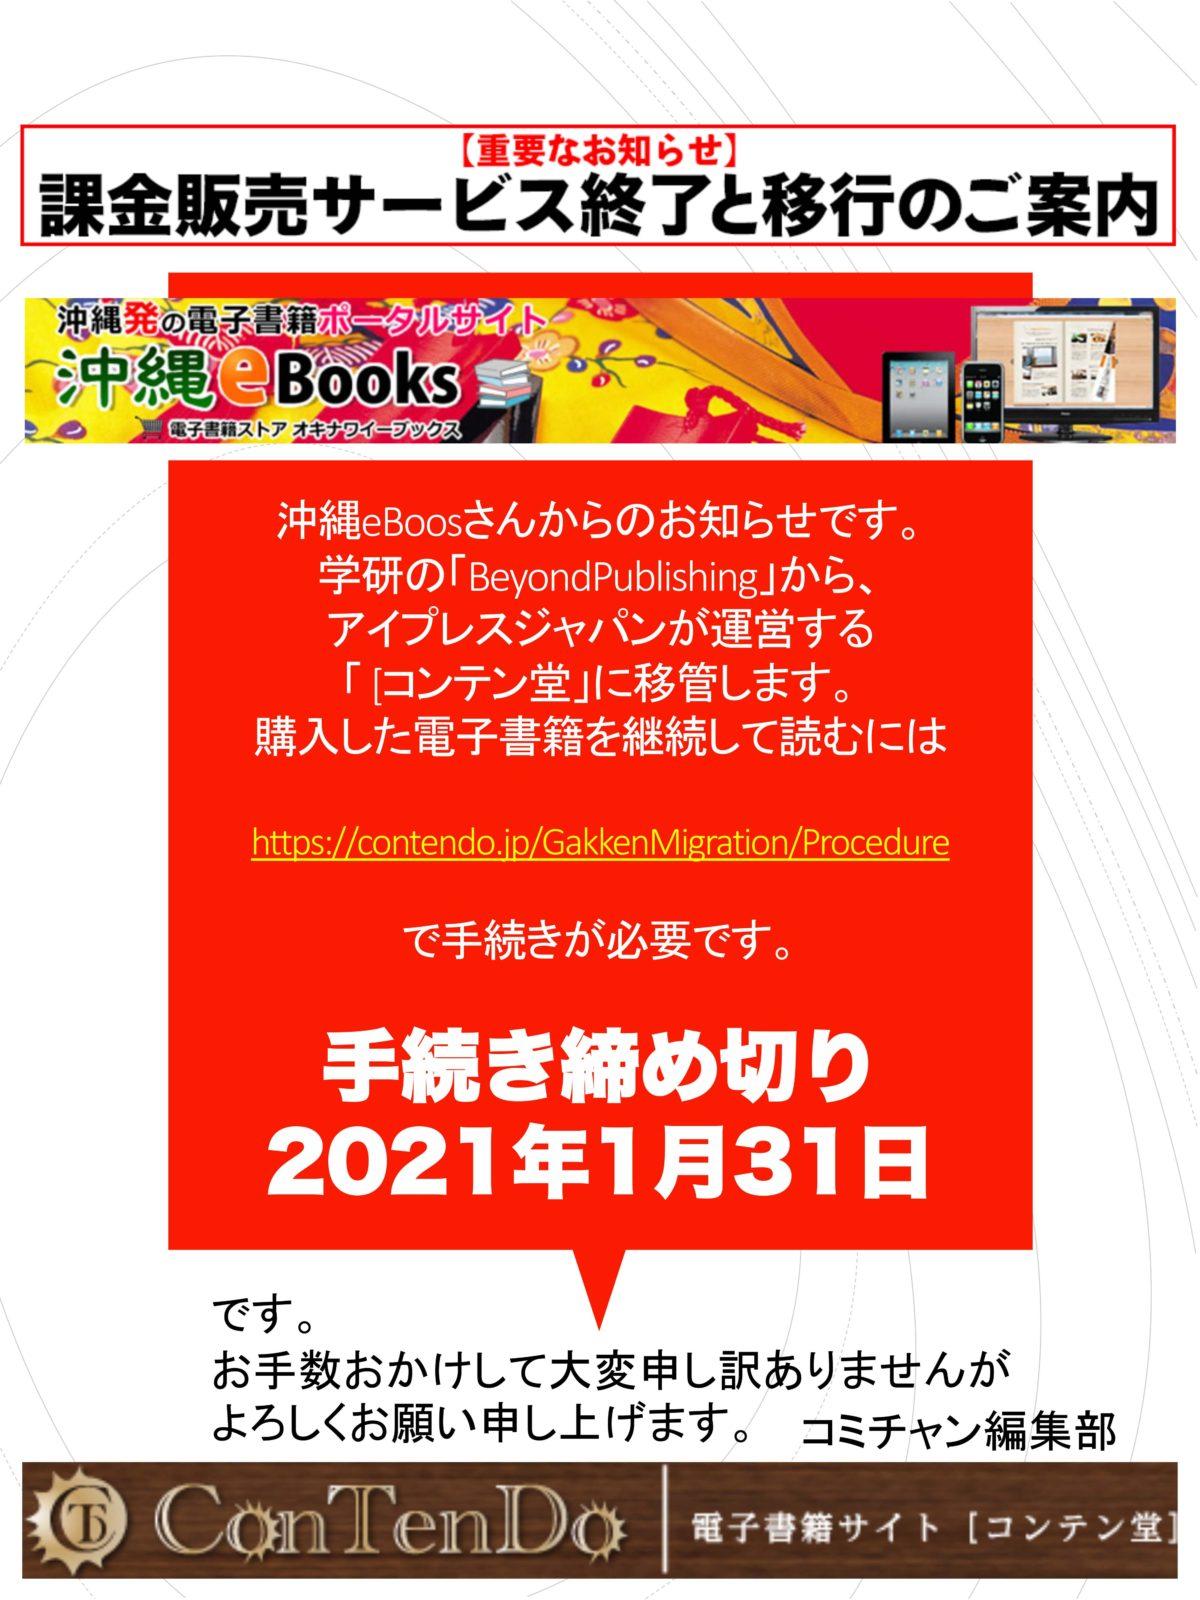 お知らせ 電子書籍販売サイト 沖縄eBooks 課金販売サービス終了と移行のご案内